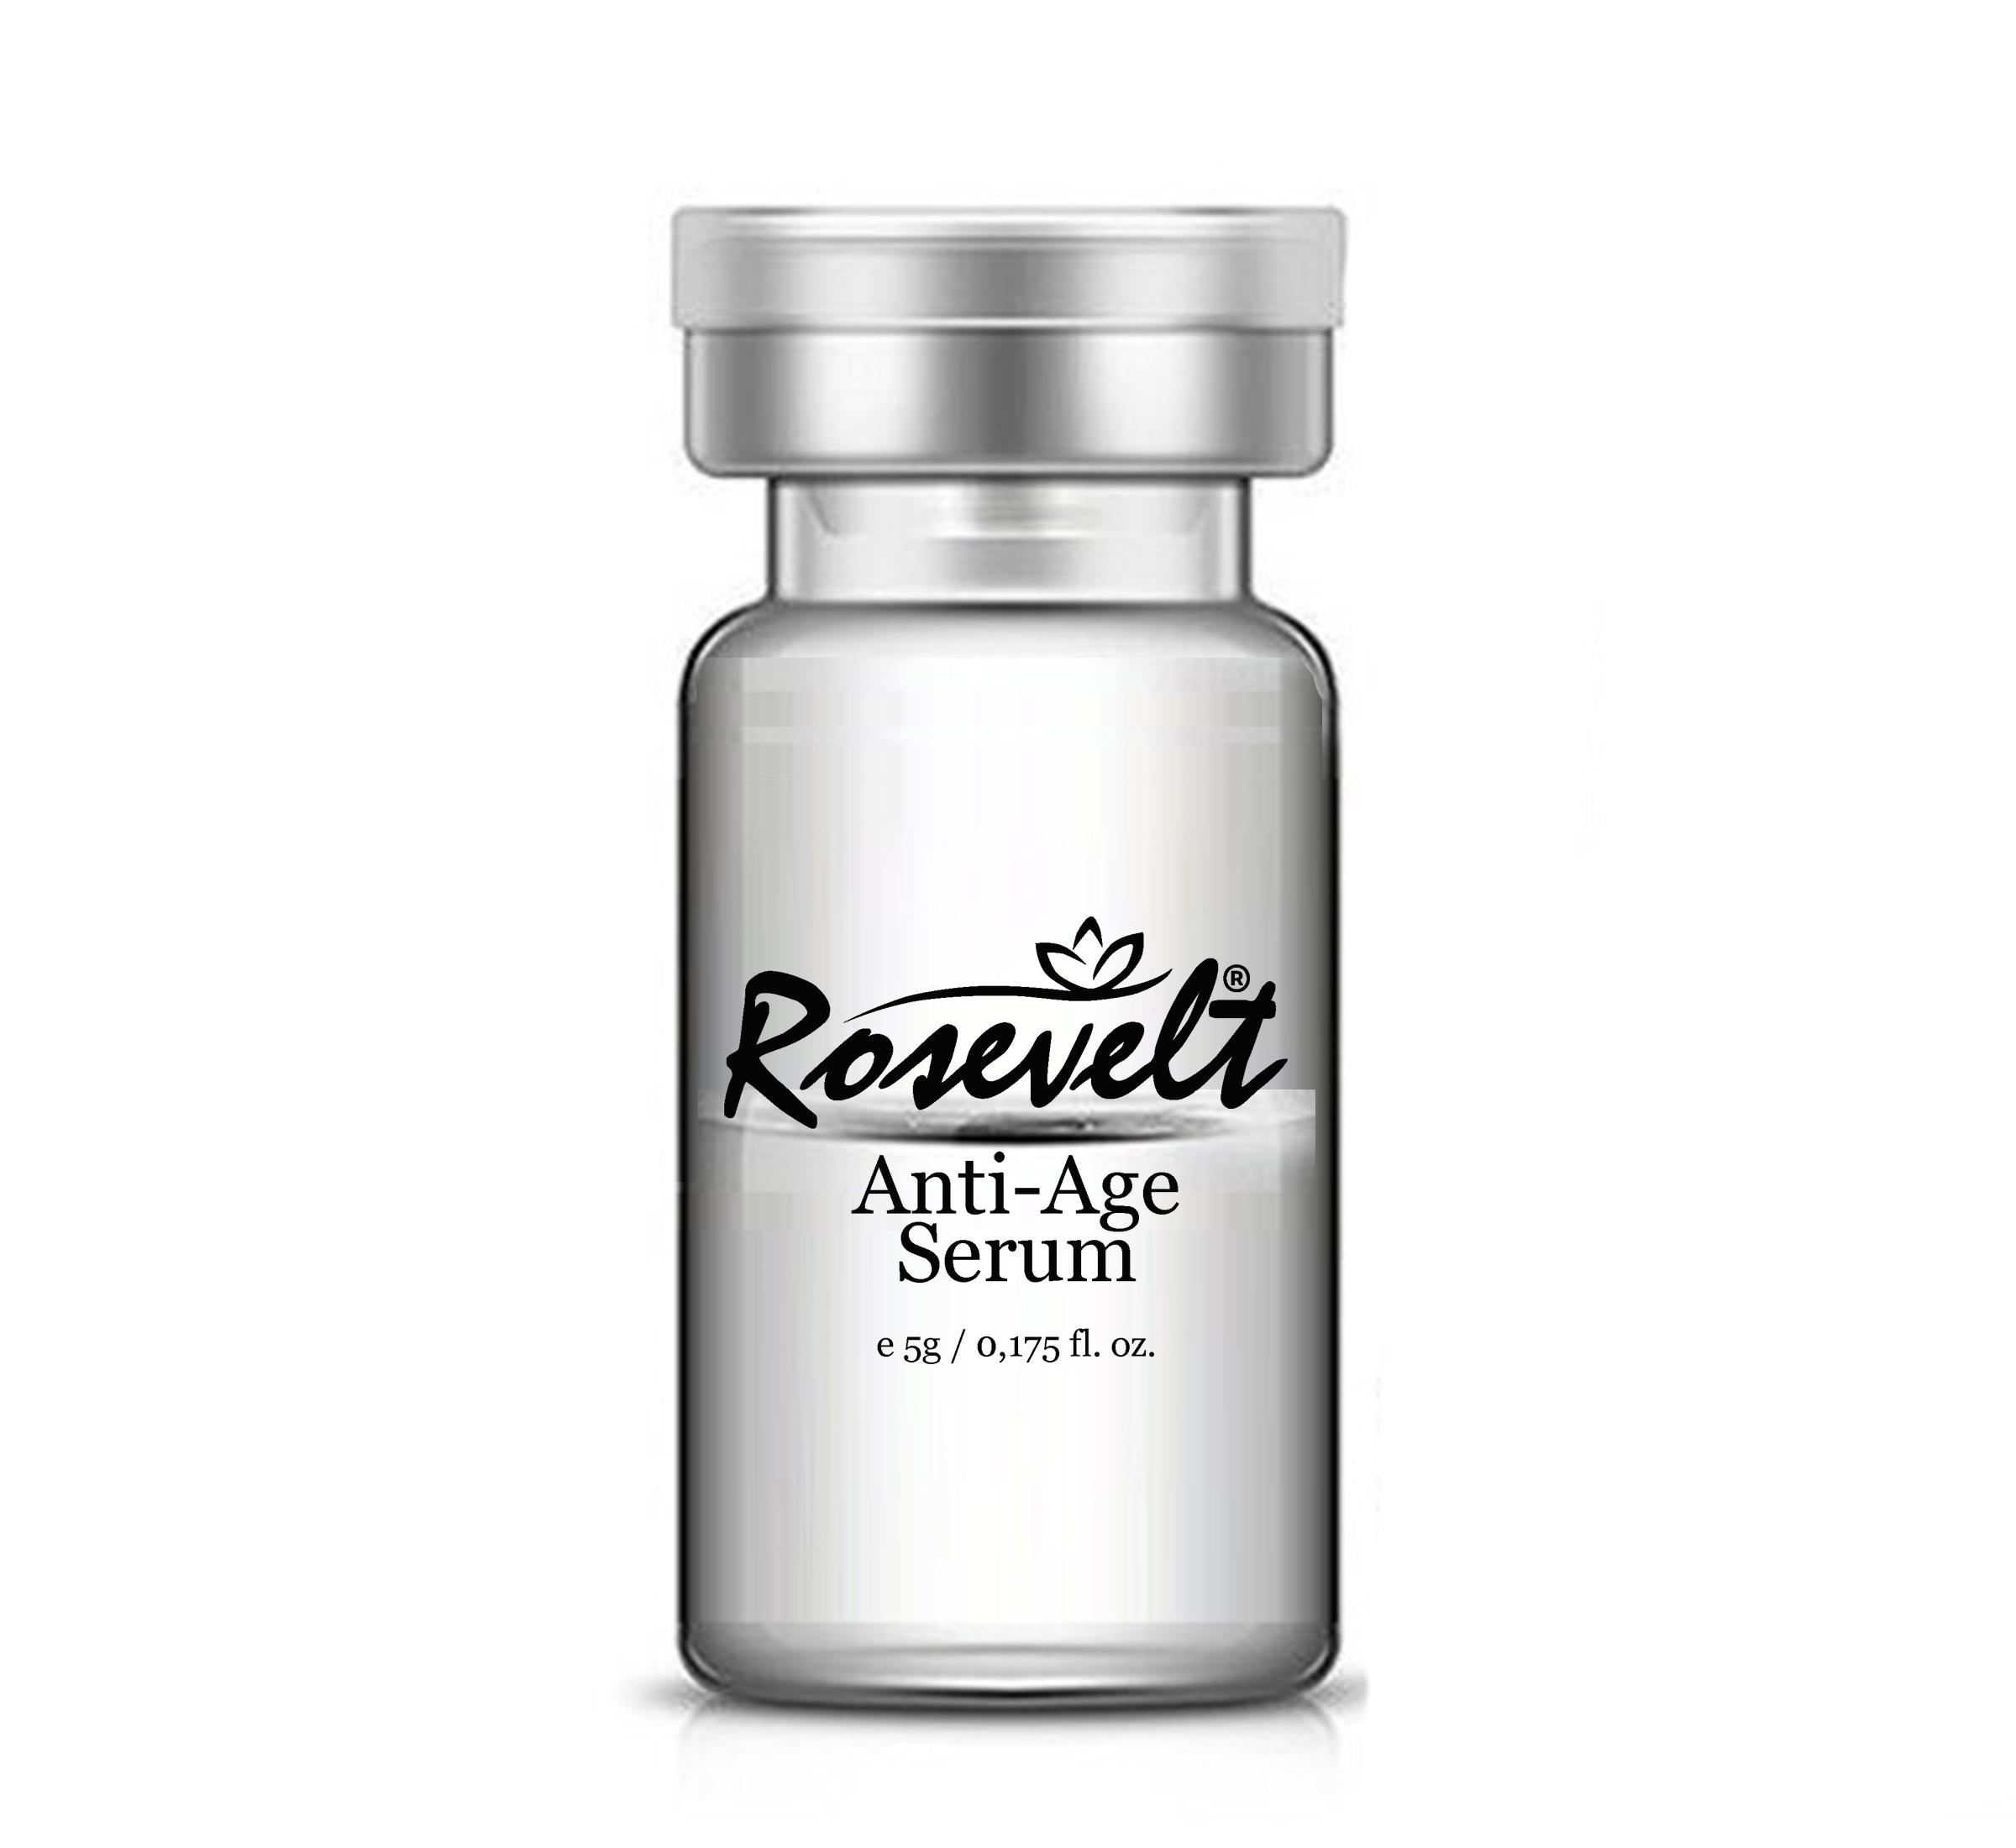 Başlıksız 4 - ROSEVELT ANTI-AGING SERUMU KUTU